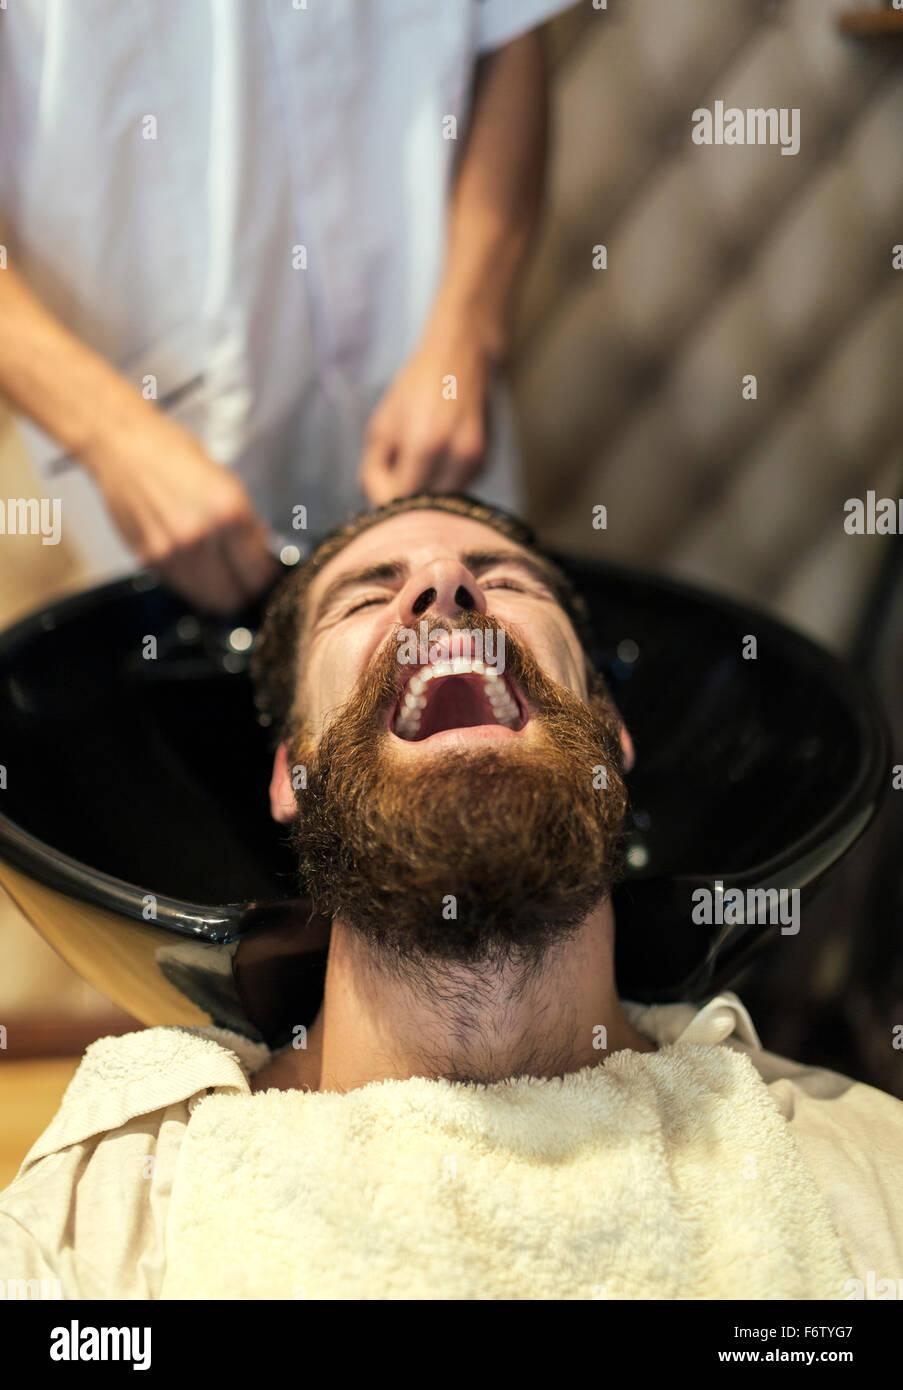 Barber waschen Haare eines Kunden mit offenem Mund Stockbild